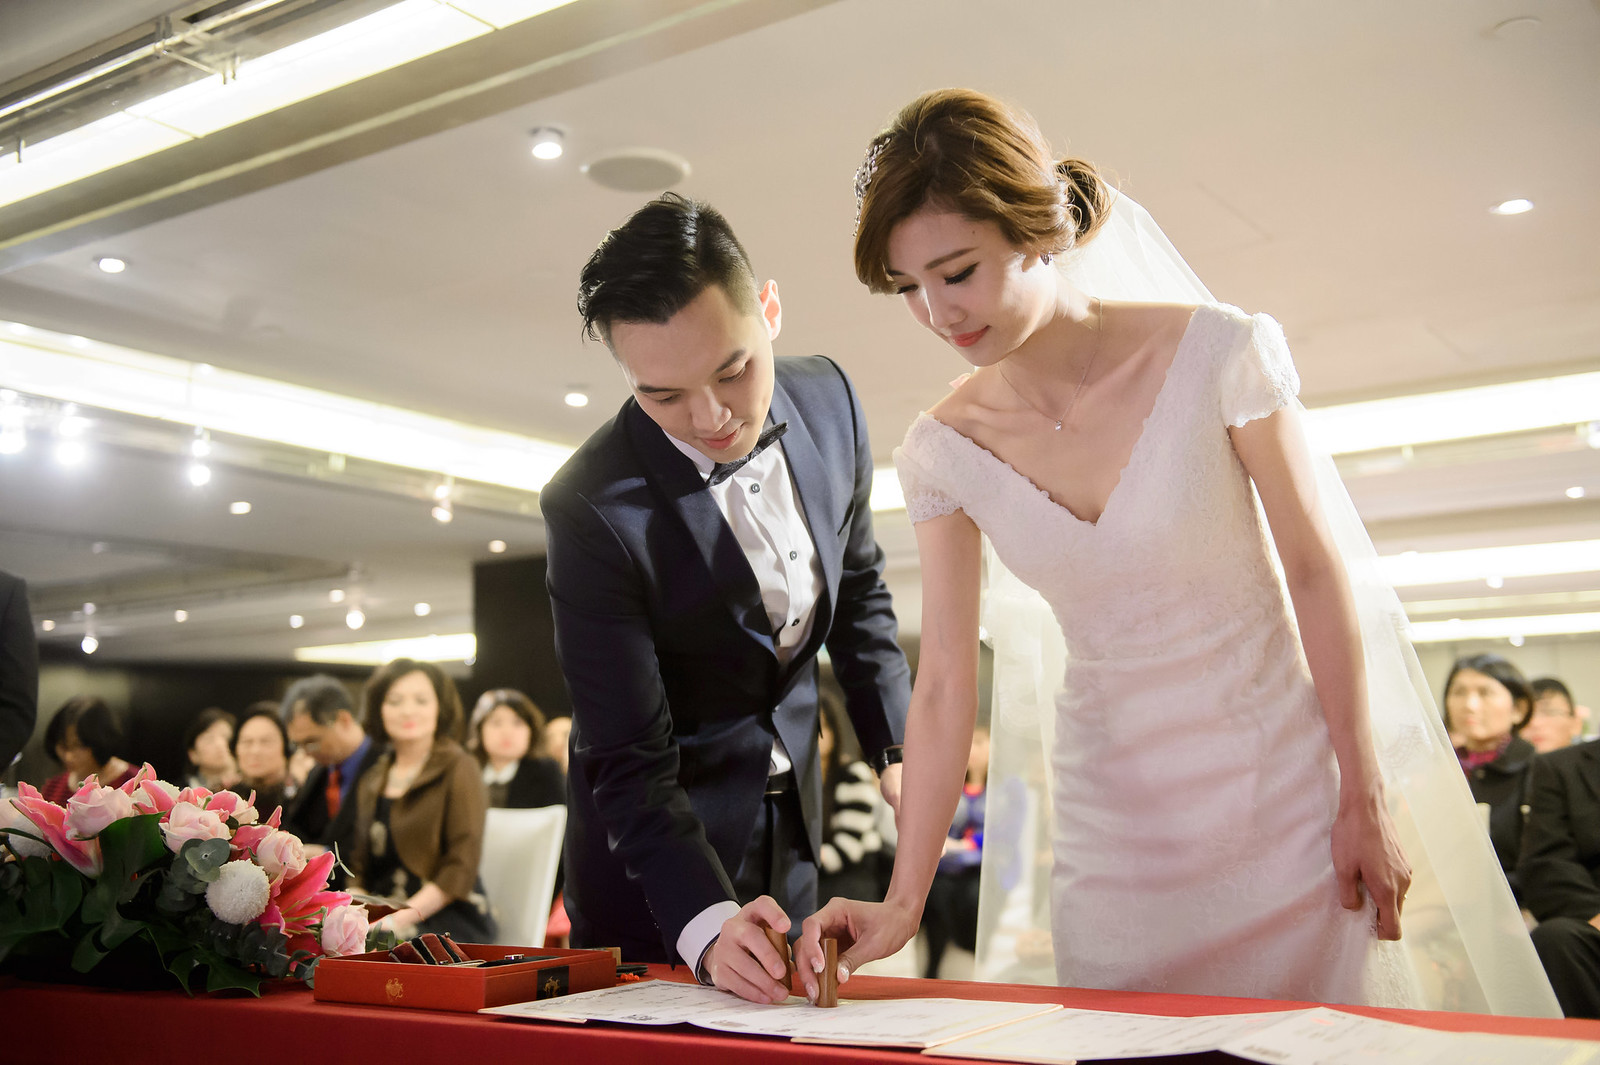 台北婚攝, 婚禮攝影, 婚攝, 婚攝守恆, 婚攝推薦, 晶華酒店, 晶華酒店婚宴, 晶華酒店婚攝-50